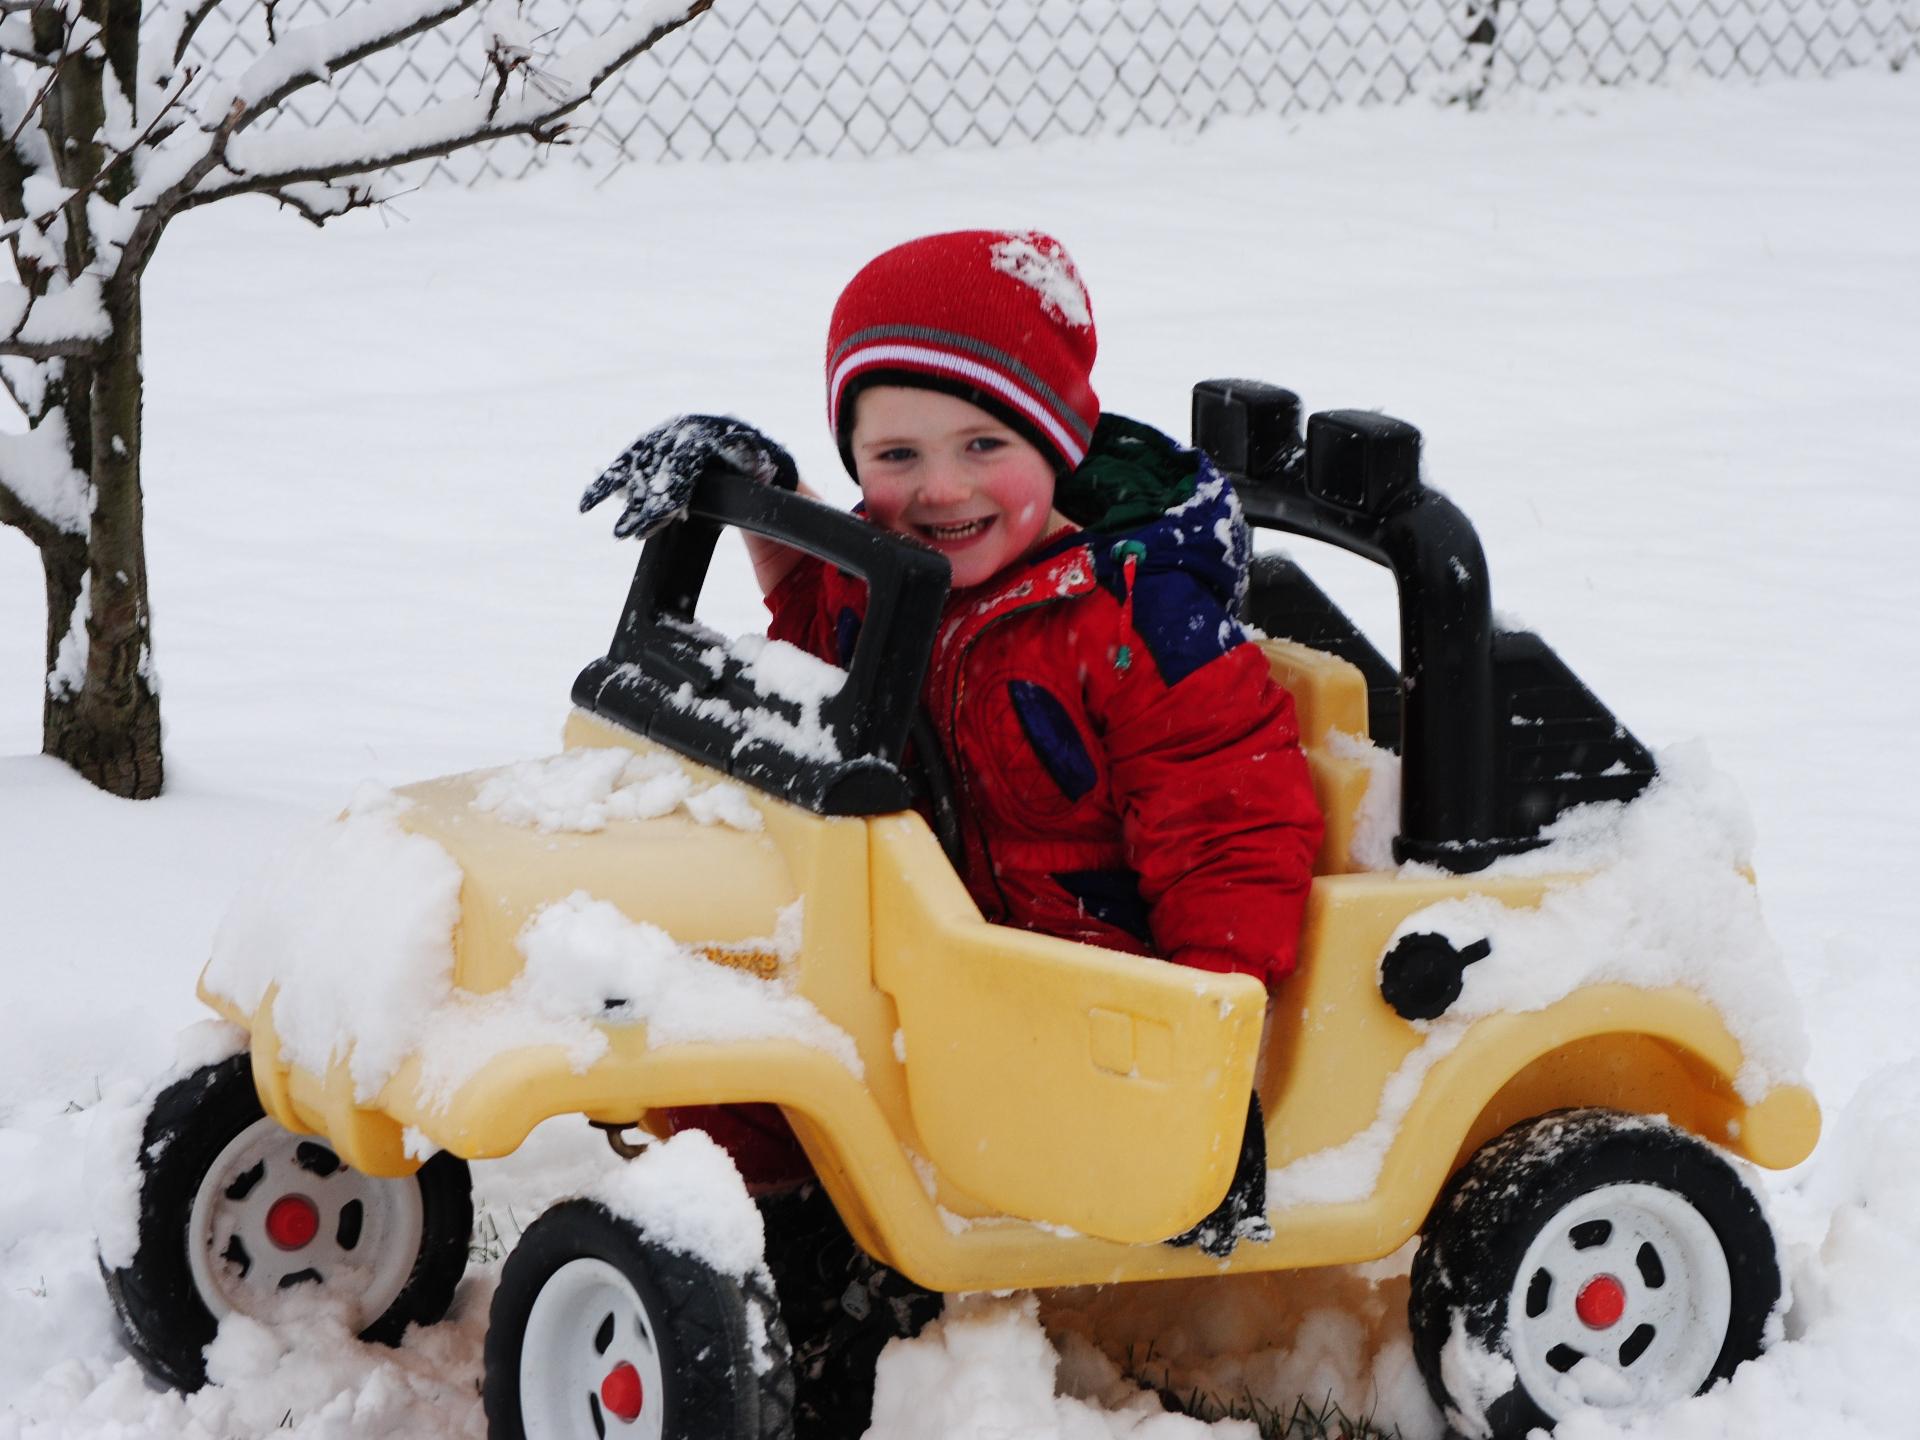 Kinder sind gute Vorbilder. Ihnen macht die Kälte oft viel weniger aus. - Photocredit: pixabay.com/Theresamcgee